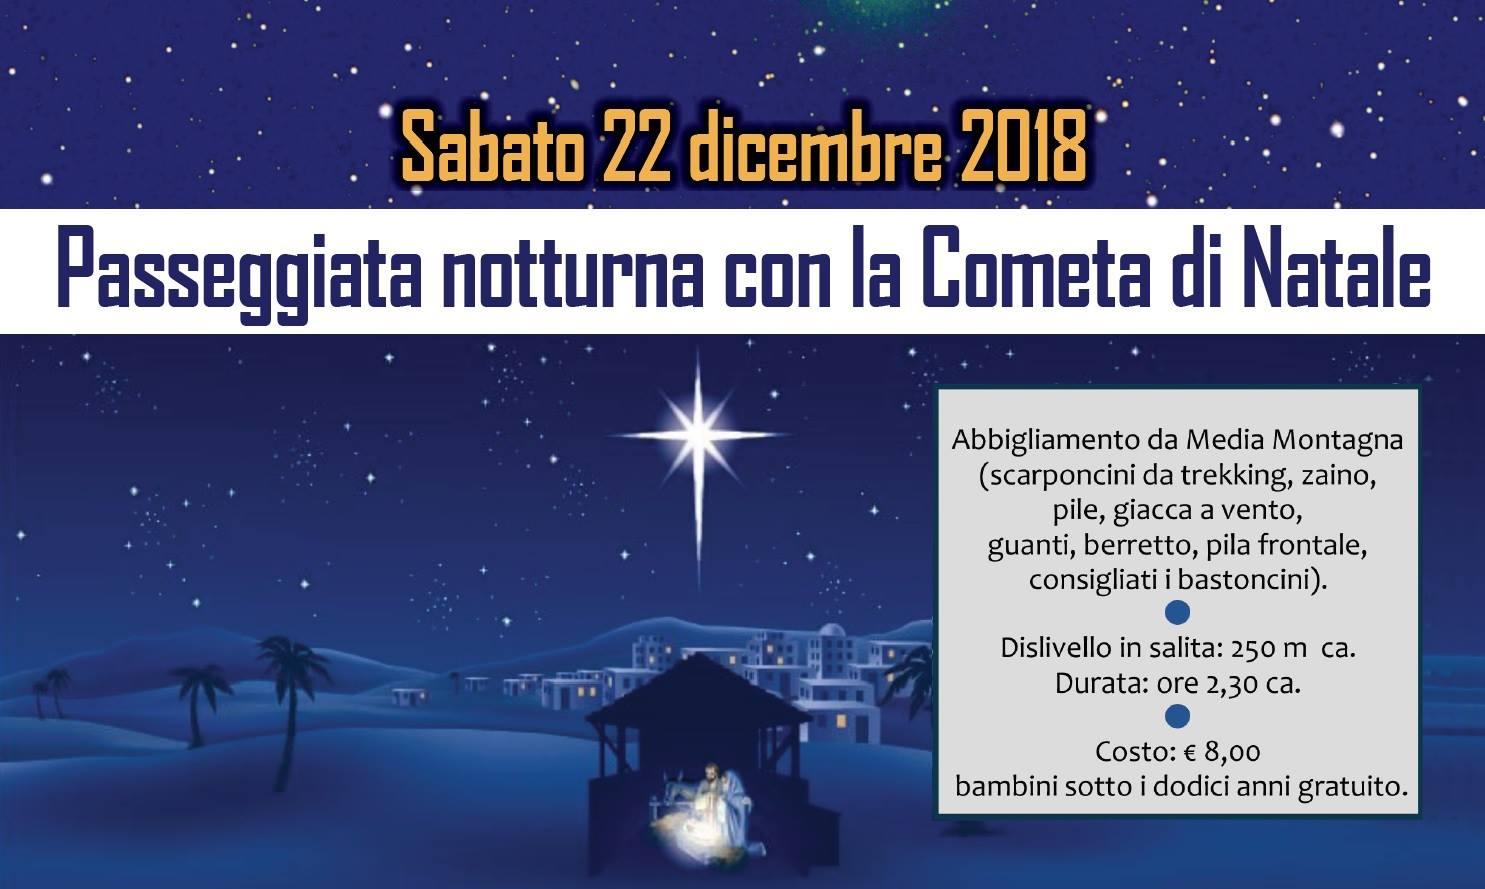 Passeggiata con la cometa di Natale